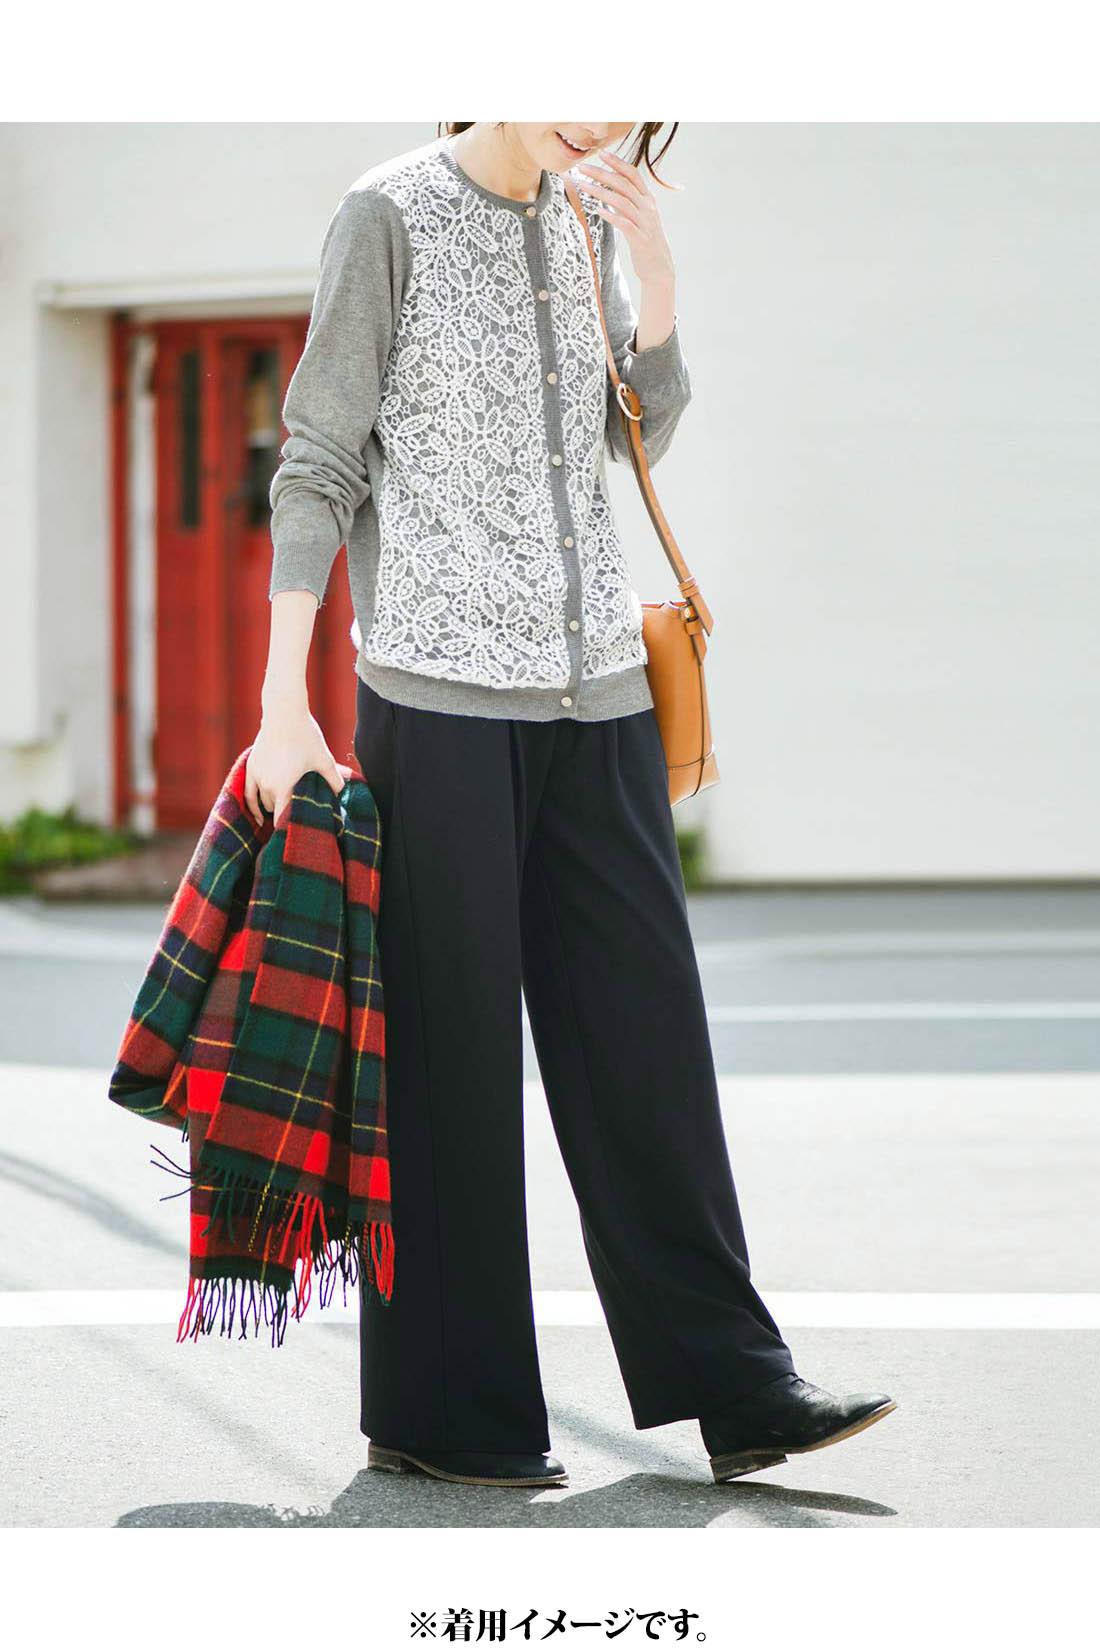 ボトムスを選ばないほどよい丈感でスカートにもパンツにも◎。ほどよいクルーネックで顔まわりすっきり。これは参考画像です。※お届けするカラーとは異なります。